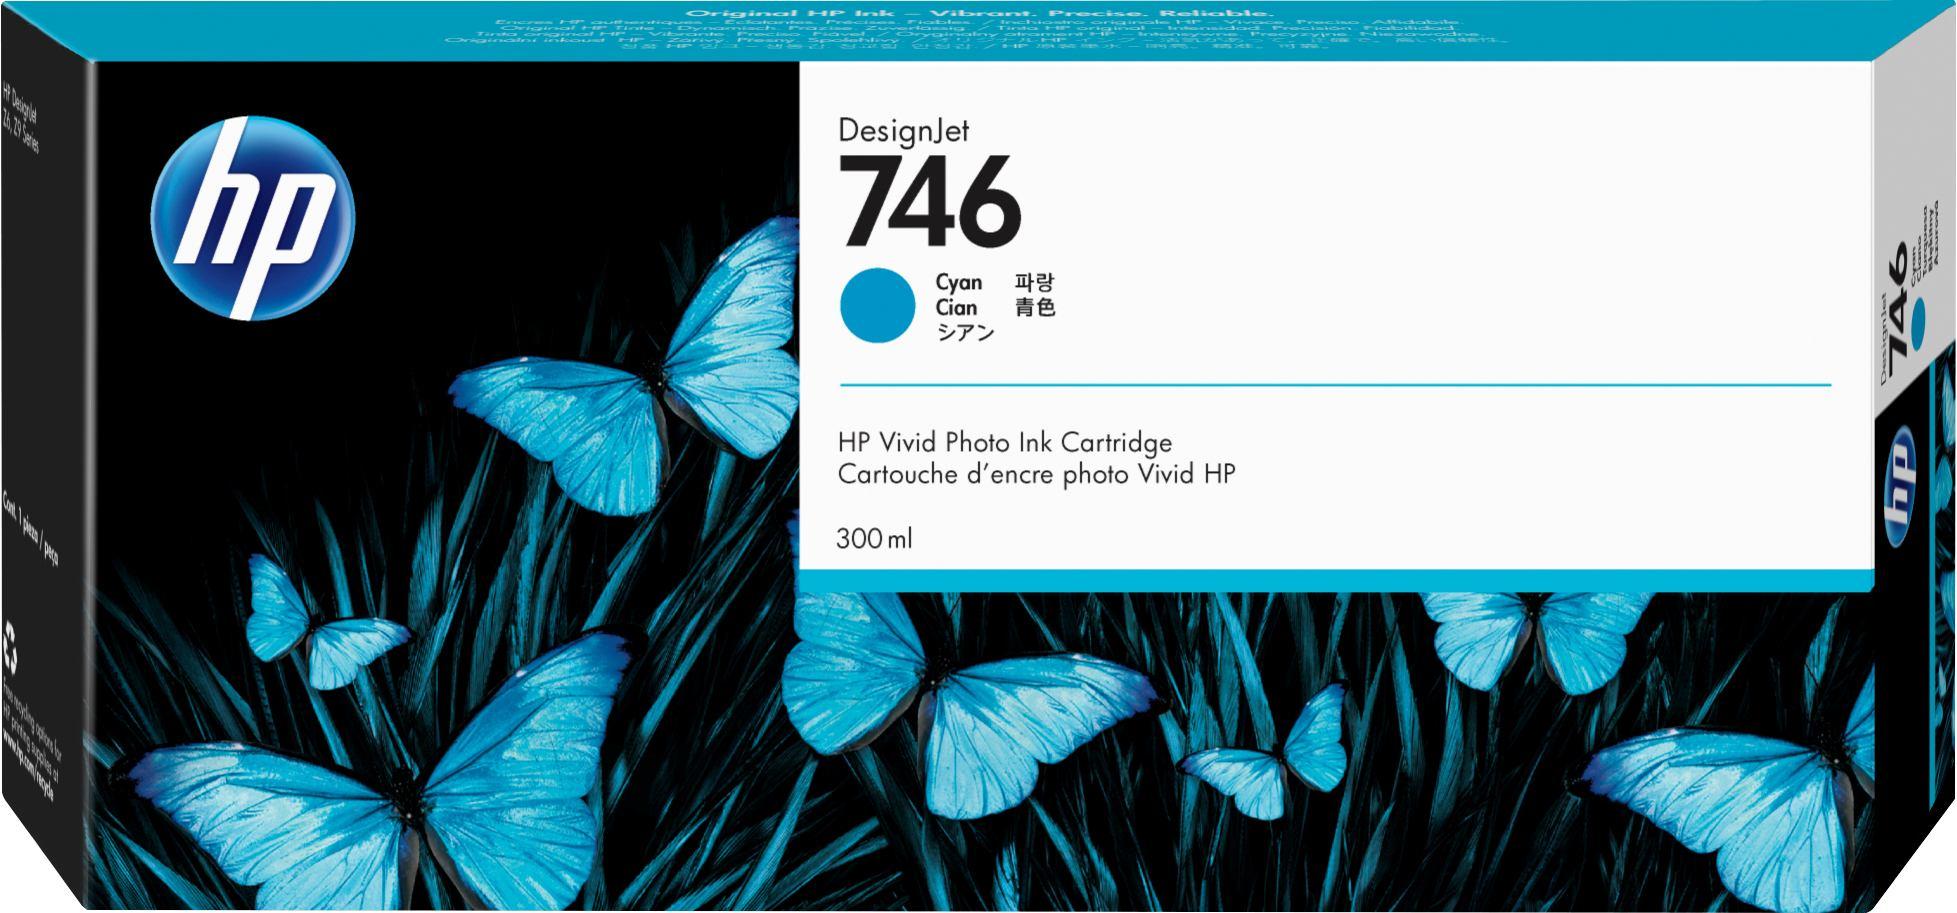 2022274-HP-746-Originale-Ciano-HP-746-300-ml-Cyan-Original-DesignJet